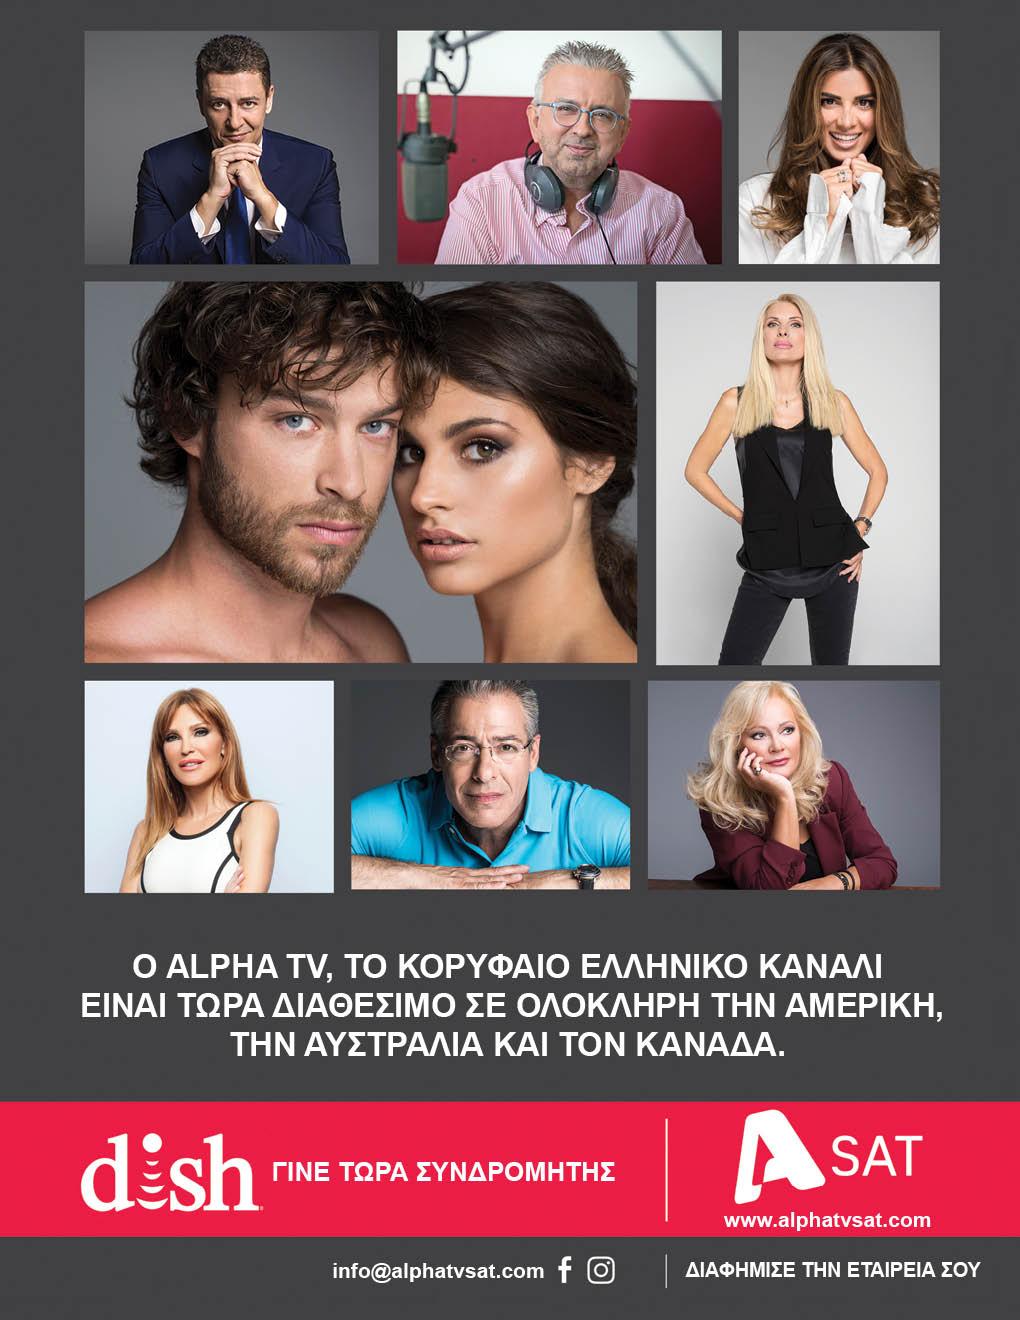 Alpha TV SAT